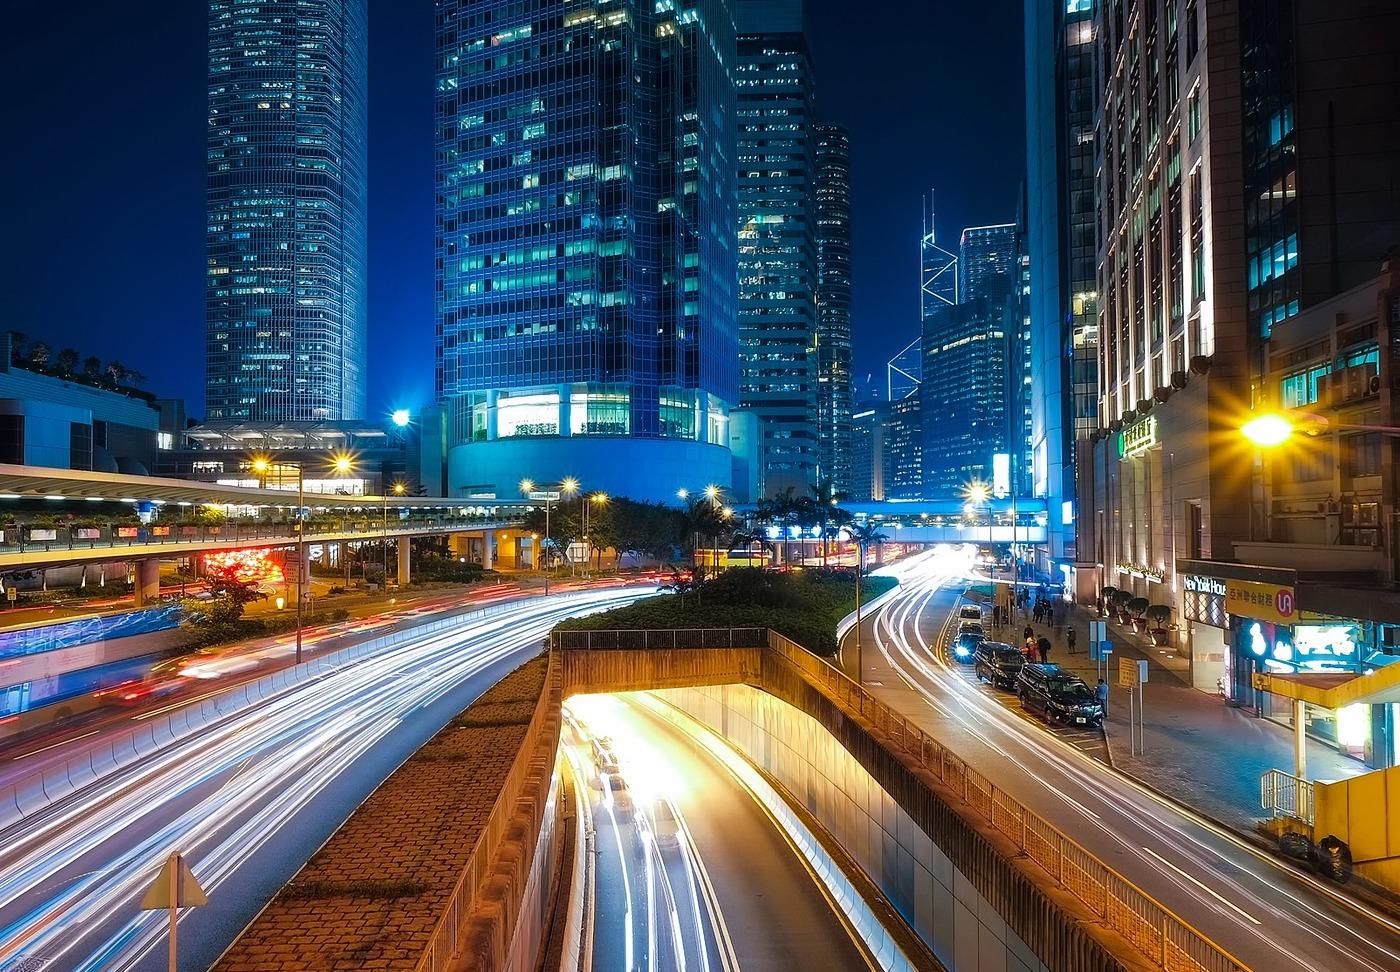 Ppp-futuro-de-las-infraestructuras